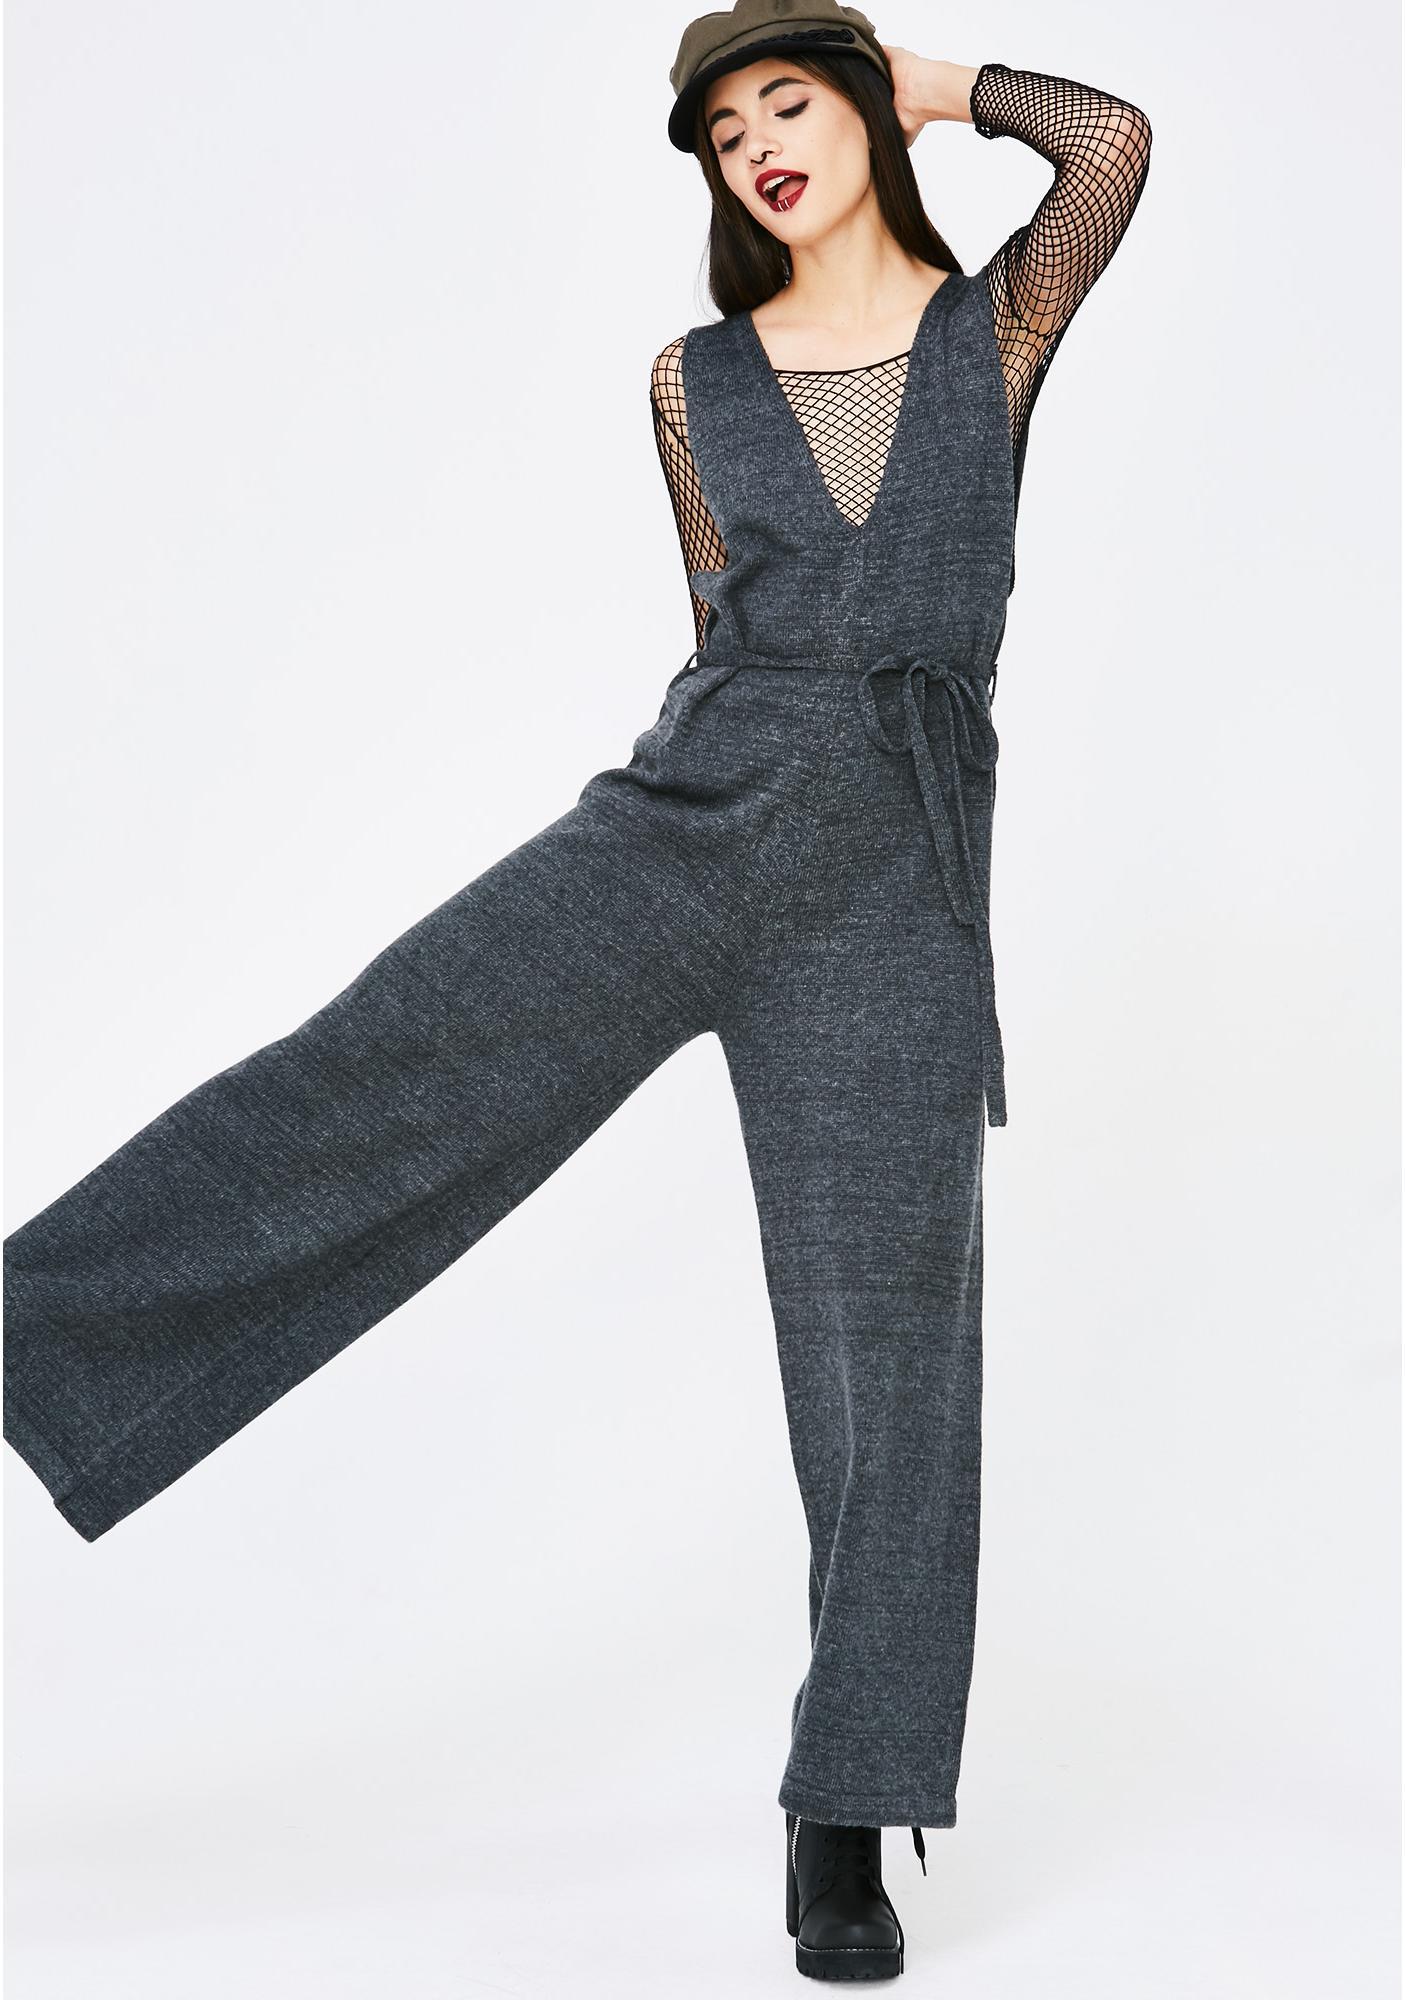 Imaginary Friend Knit Jumpsuit